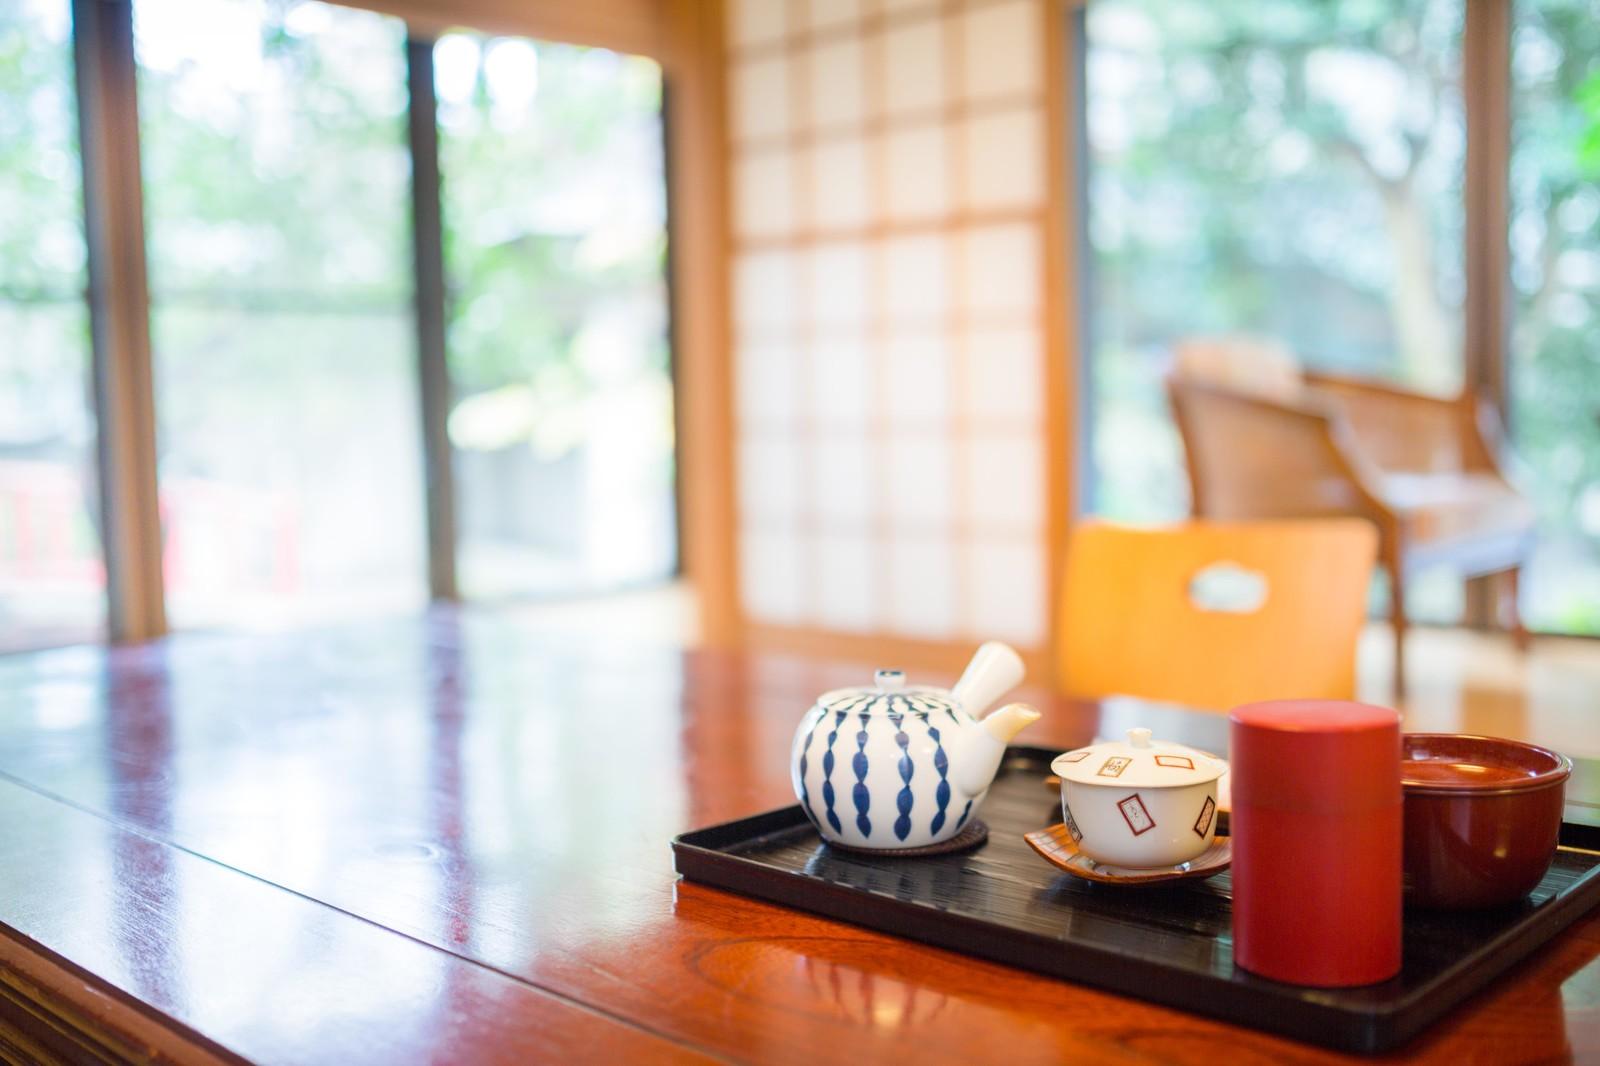 5月17日 木曜日 大阪の温泉旅館のお知らせ 池田駅無料送迎バスの増便